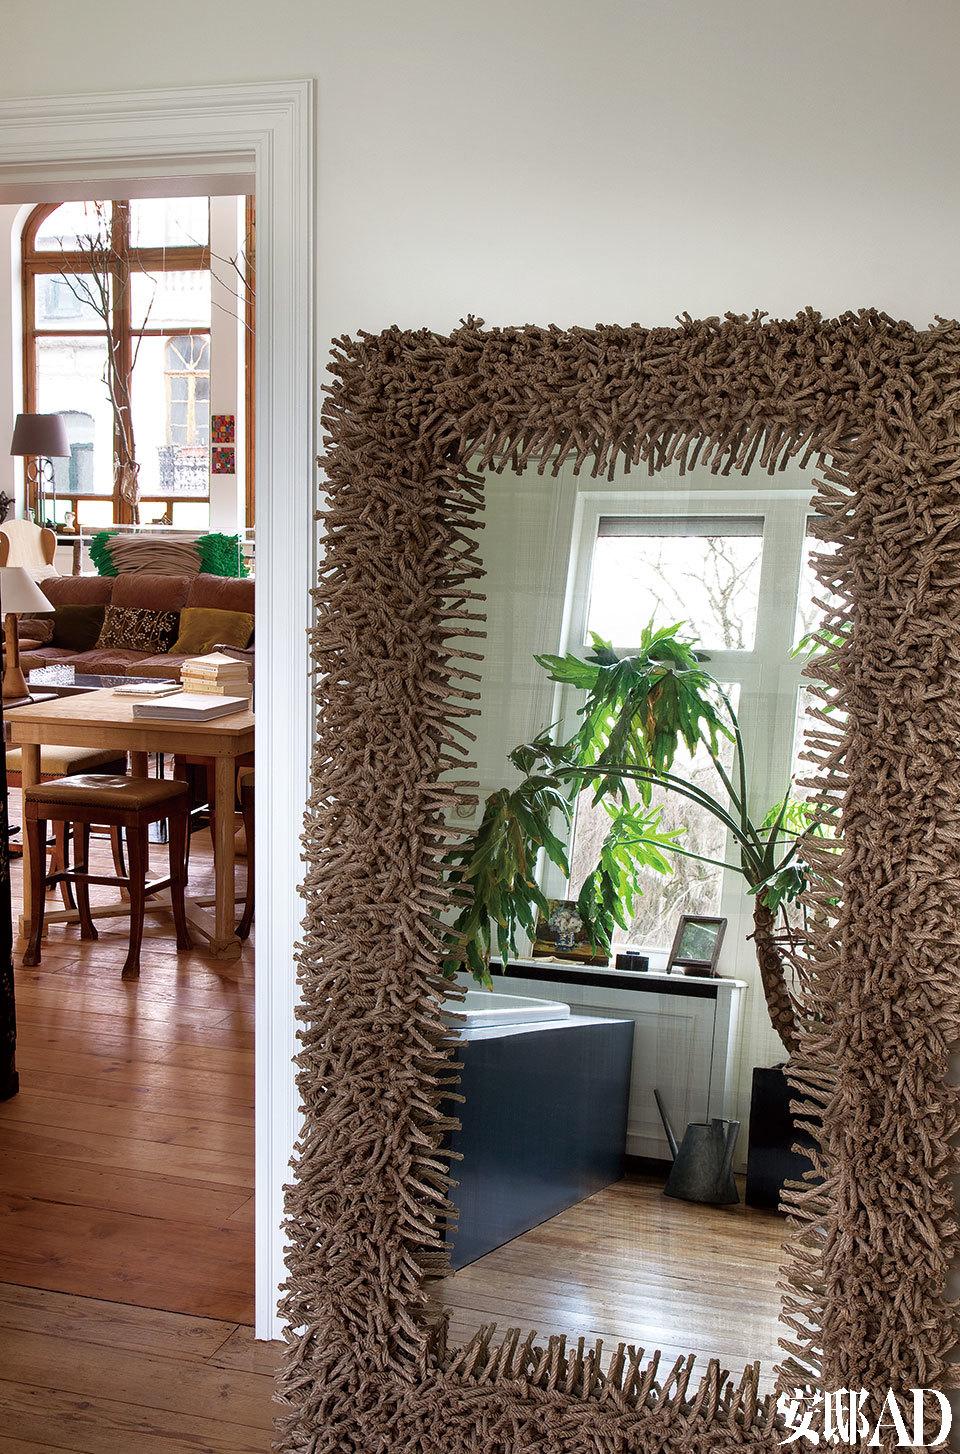 女主人选了许多Christian Astuguevieille设计的作品,搭配出不同味道,风格强烈的大块面镜子使得过道也成了一个看点。穿过门,客厅里同样出自他设计的桌子和椅子,又是另一种质朴感觉。